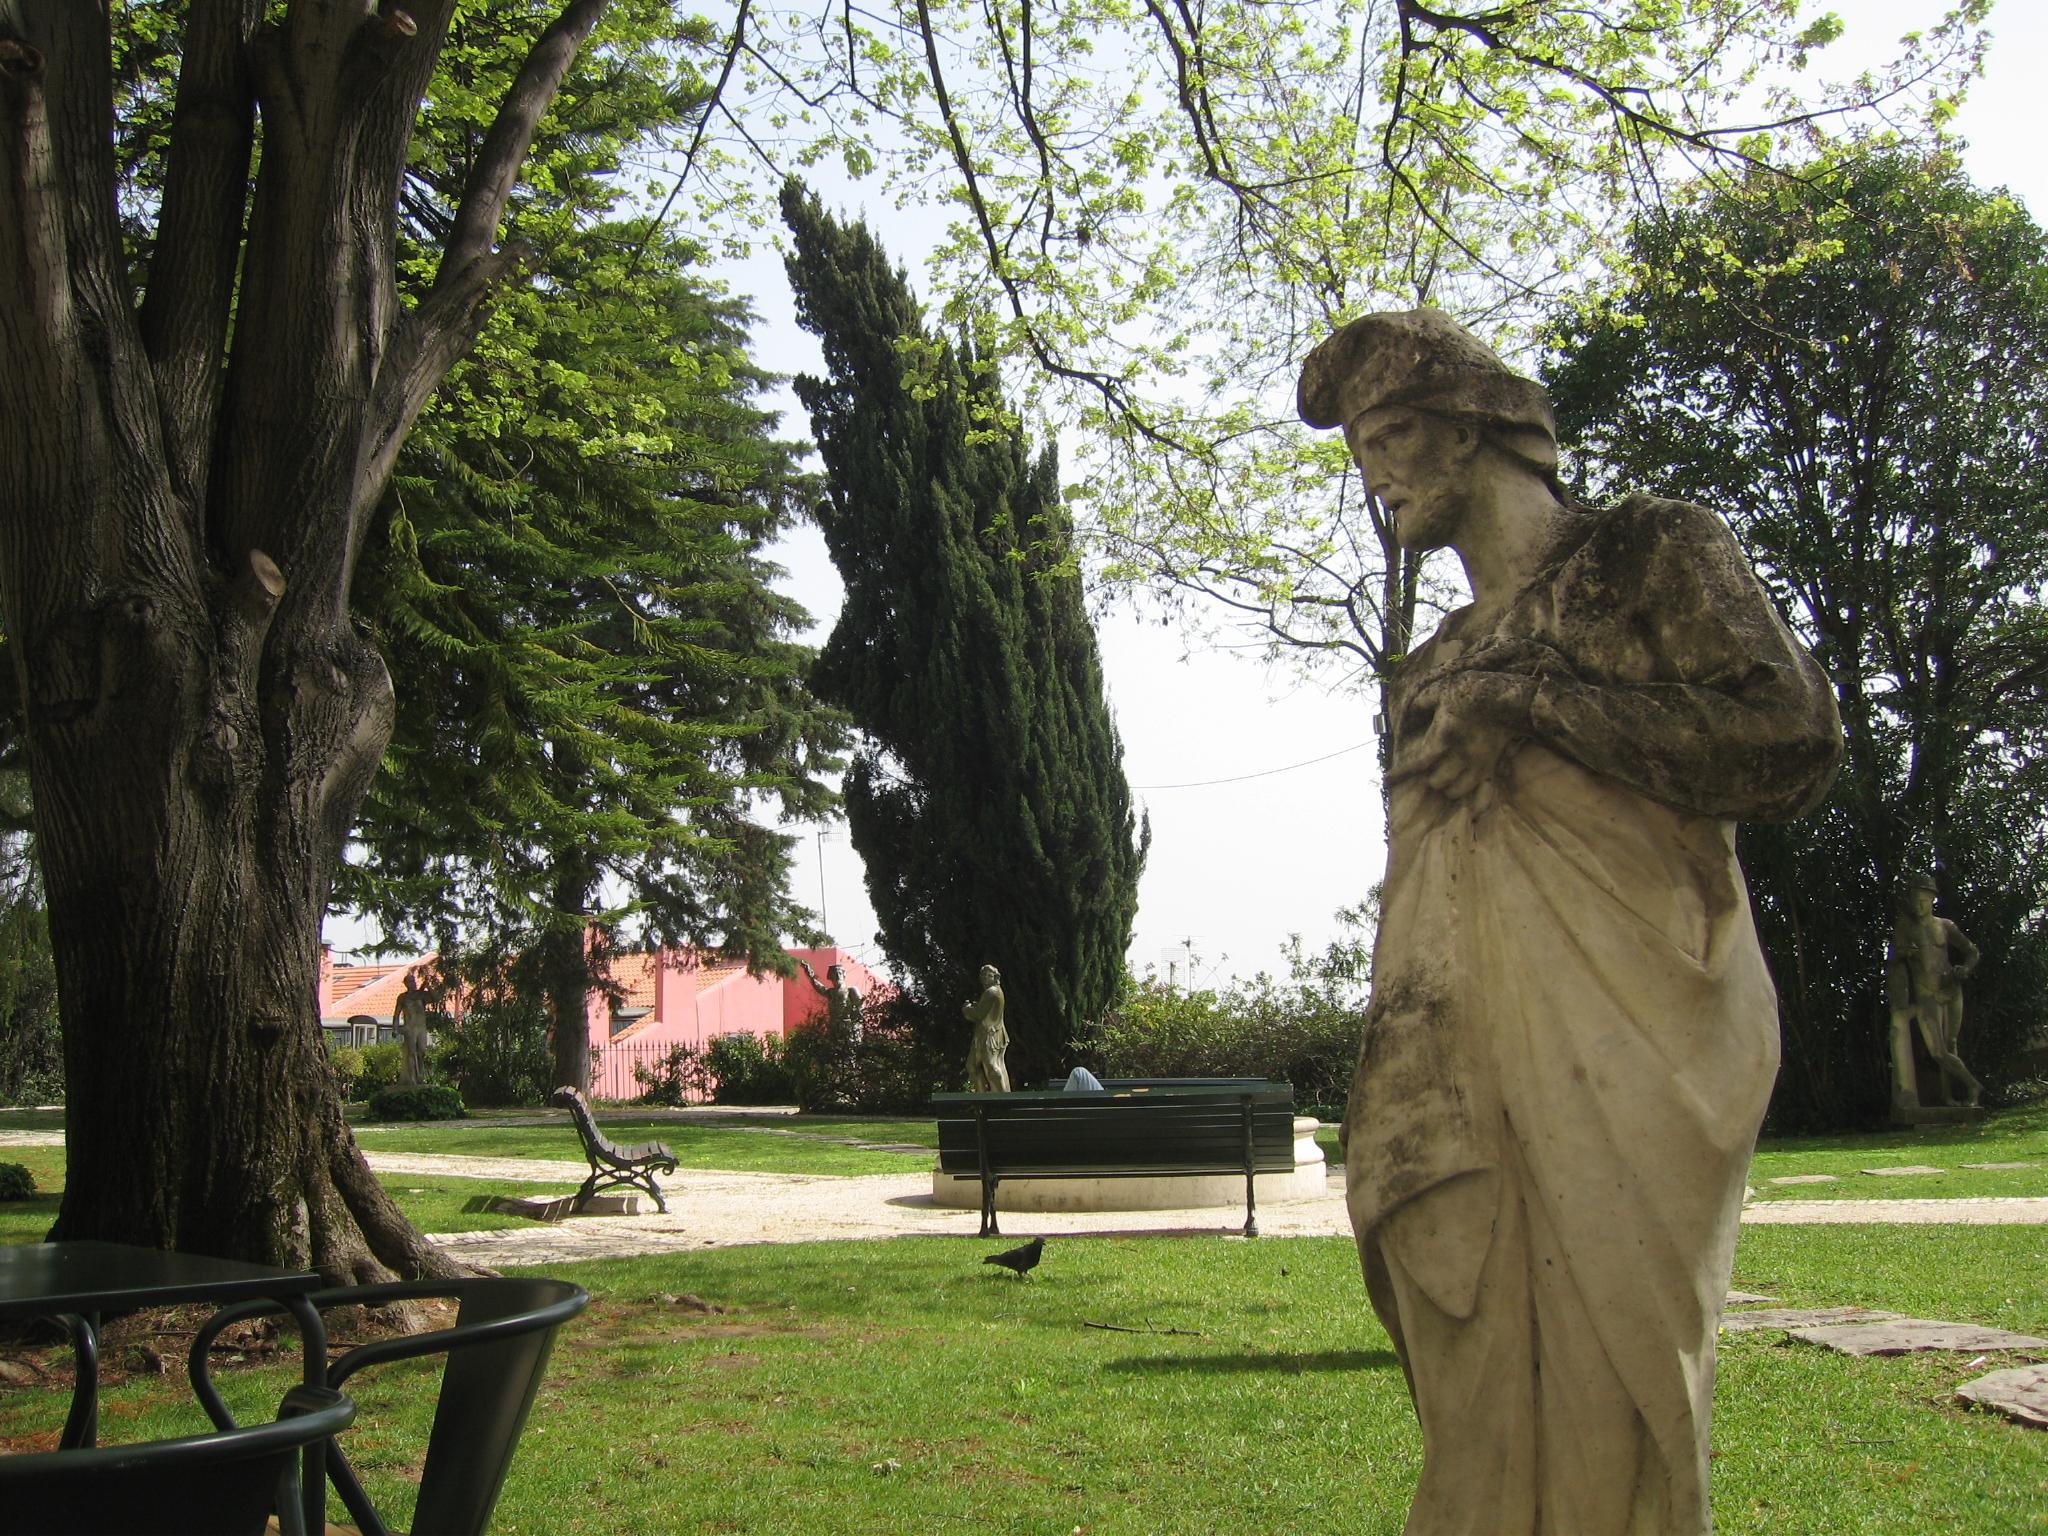 Na imagem vê-se uma parte do jardim do Museu Nacional de Arte Antiga